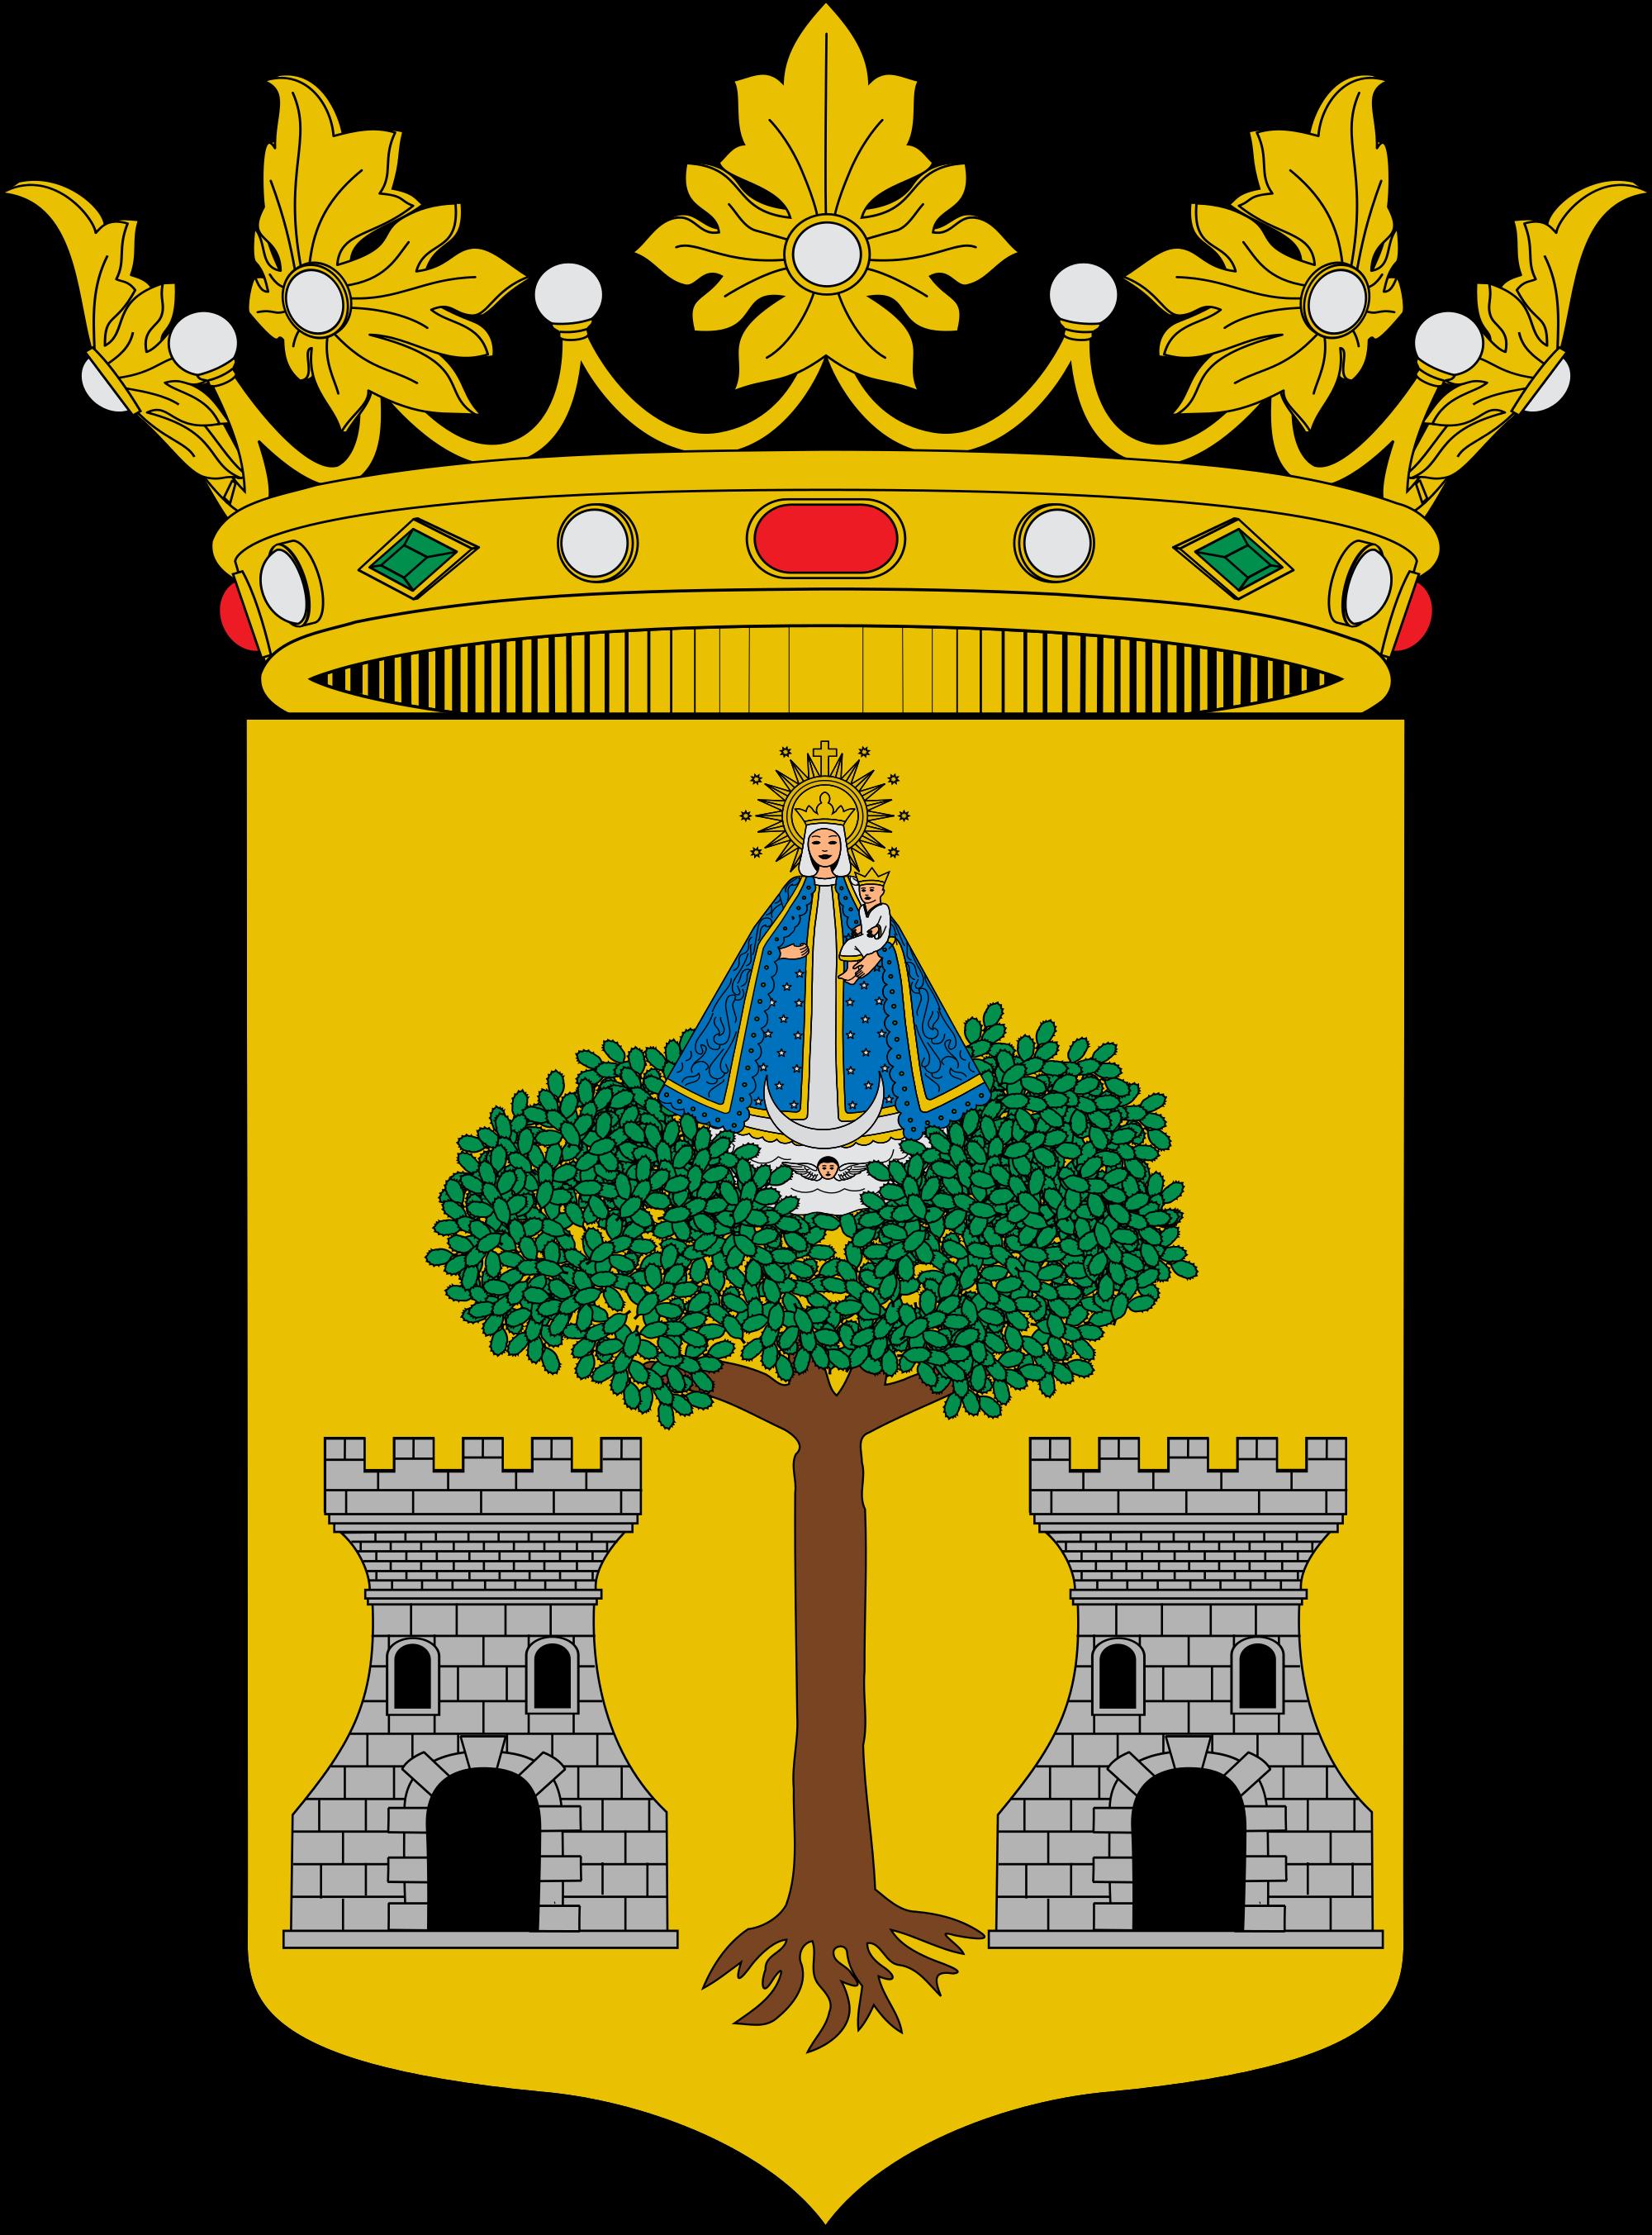 File:Escudo de Baños de la Encina.svg.